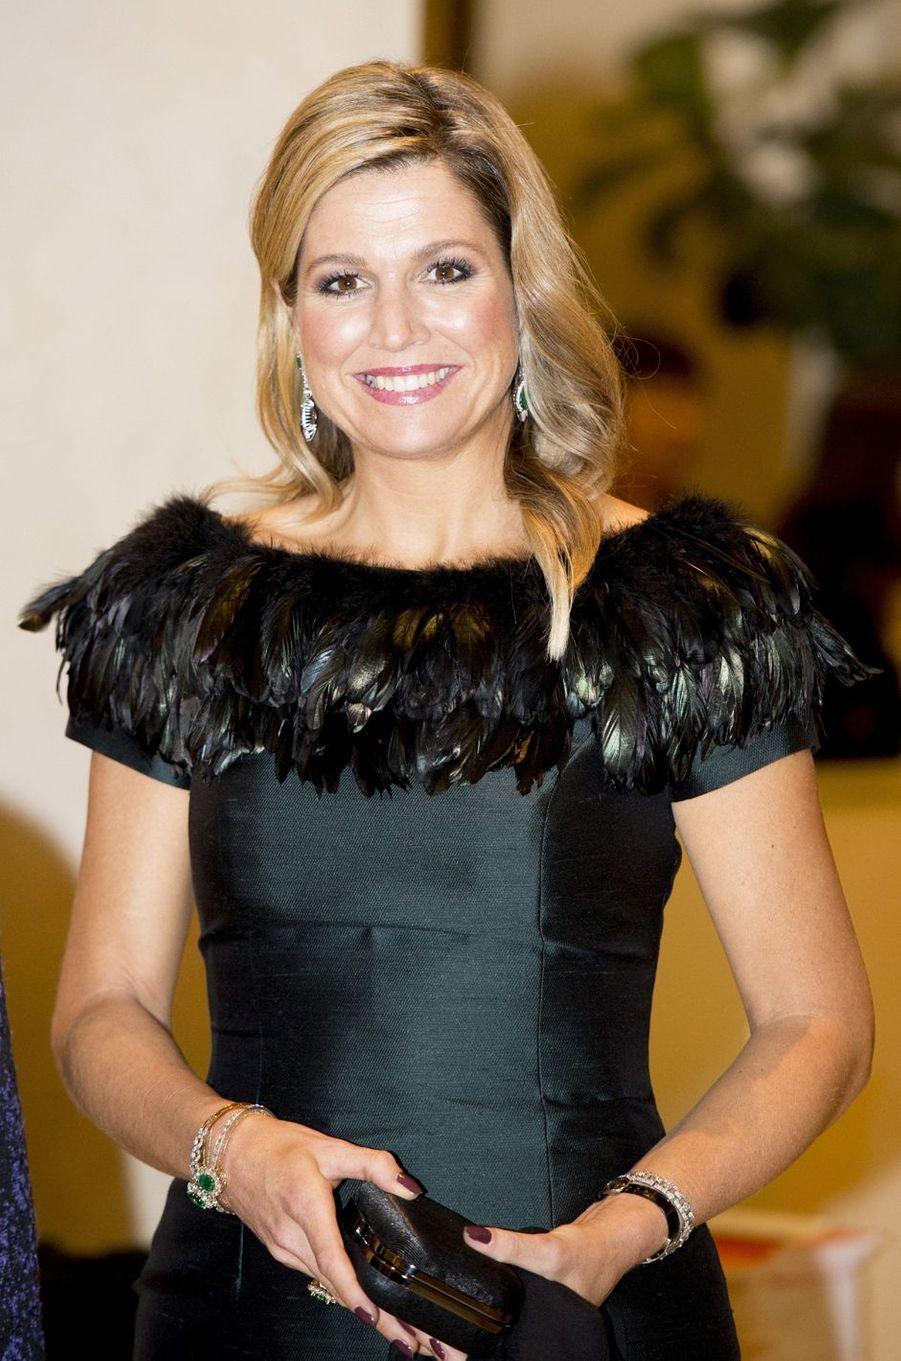 La reine Maxima des Pays-Bas dans une robe agrémentée de plumes le 4 novembre 2014